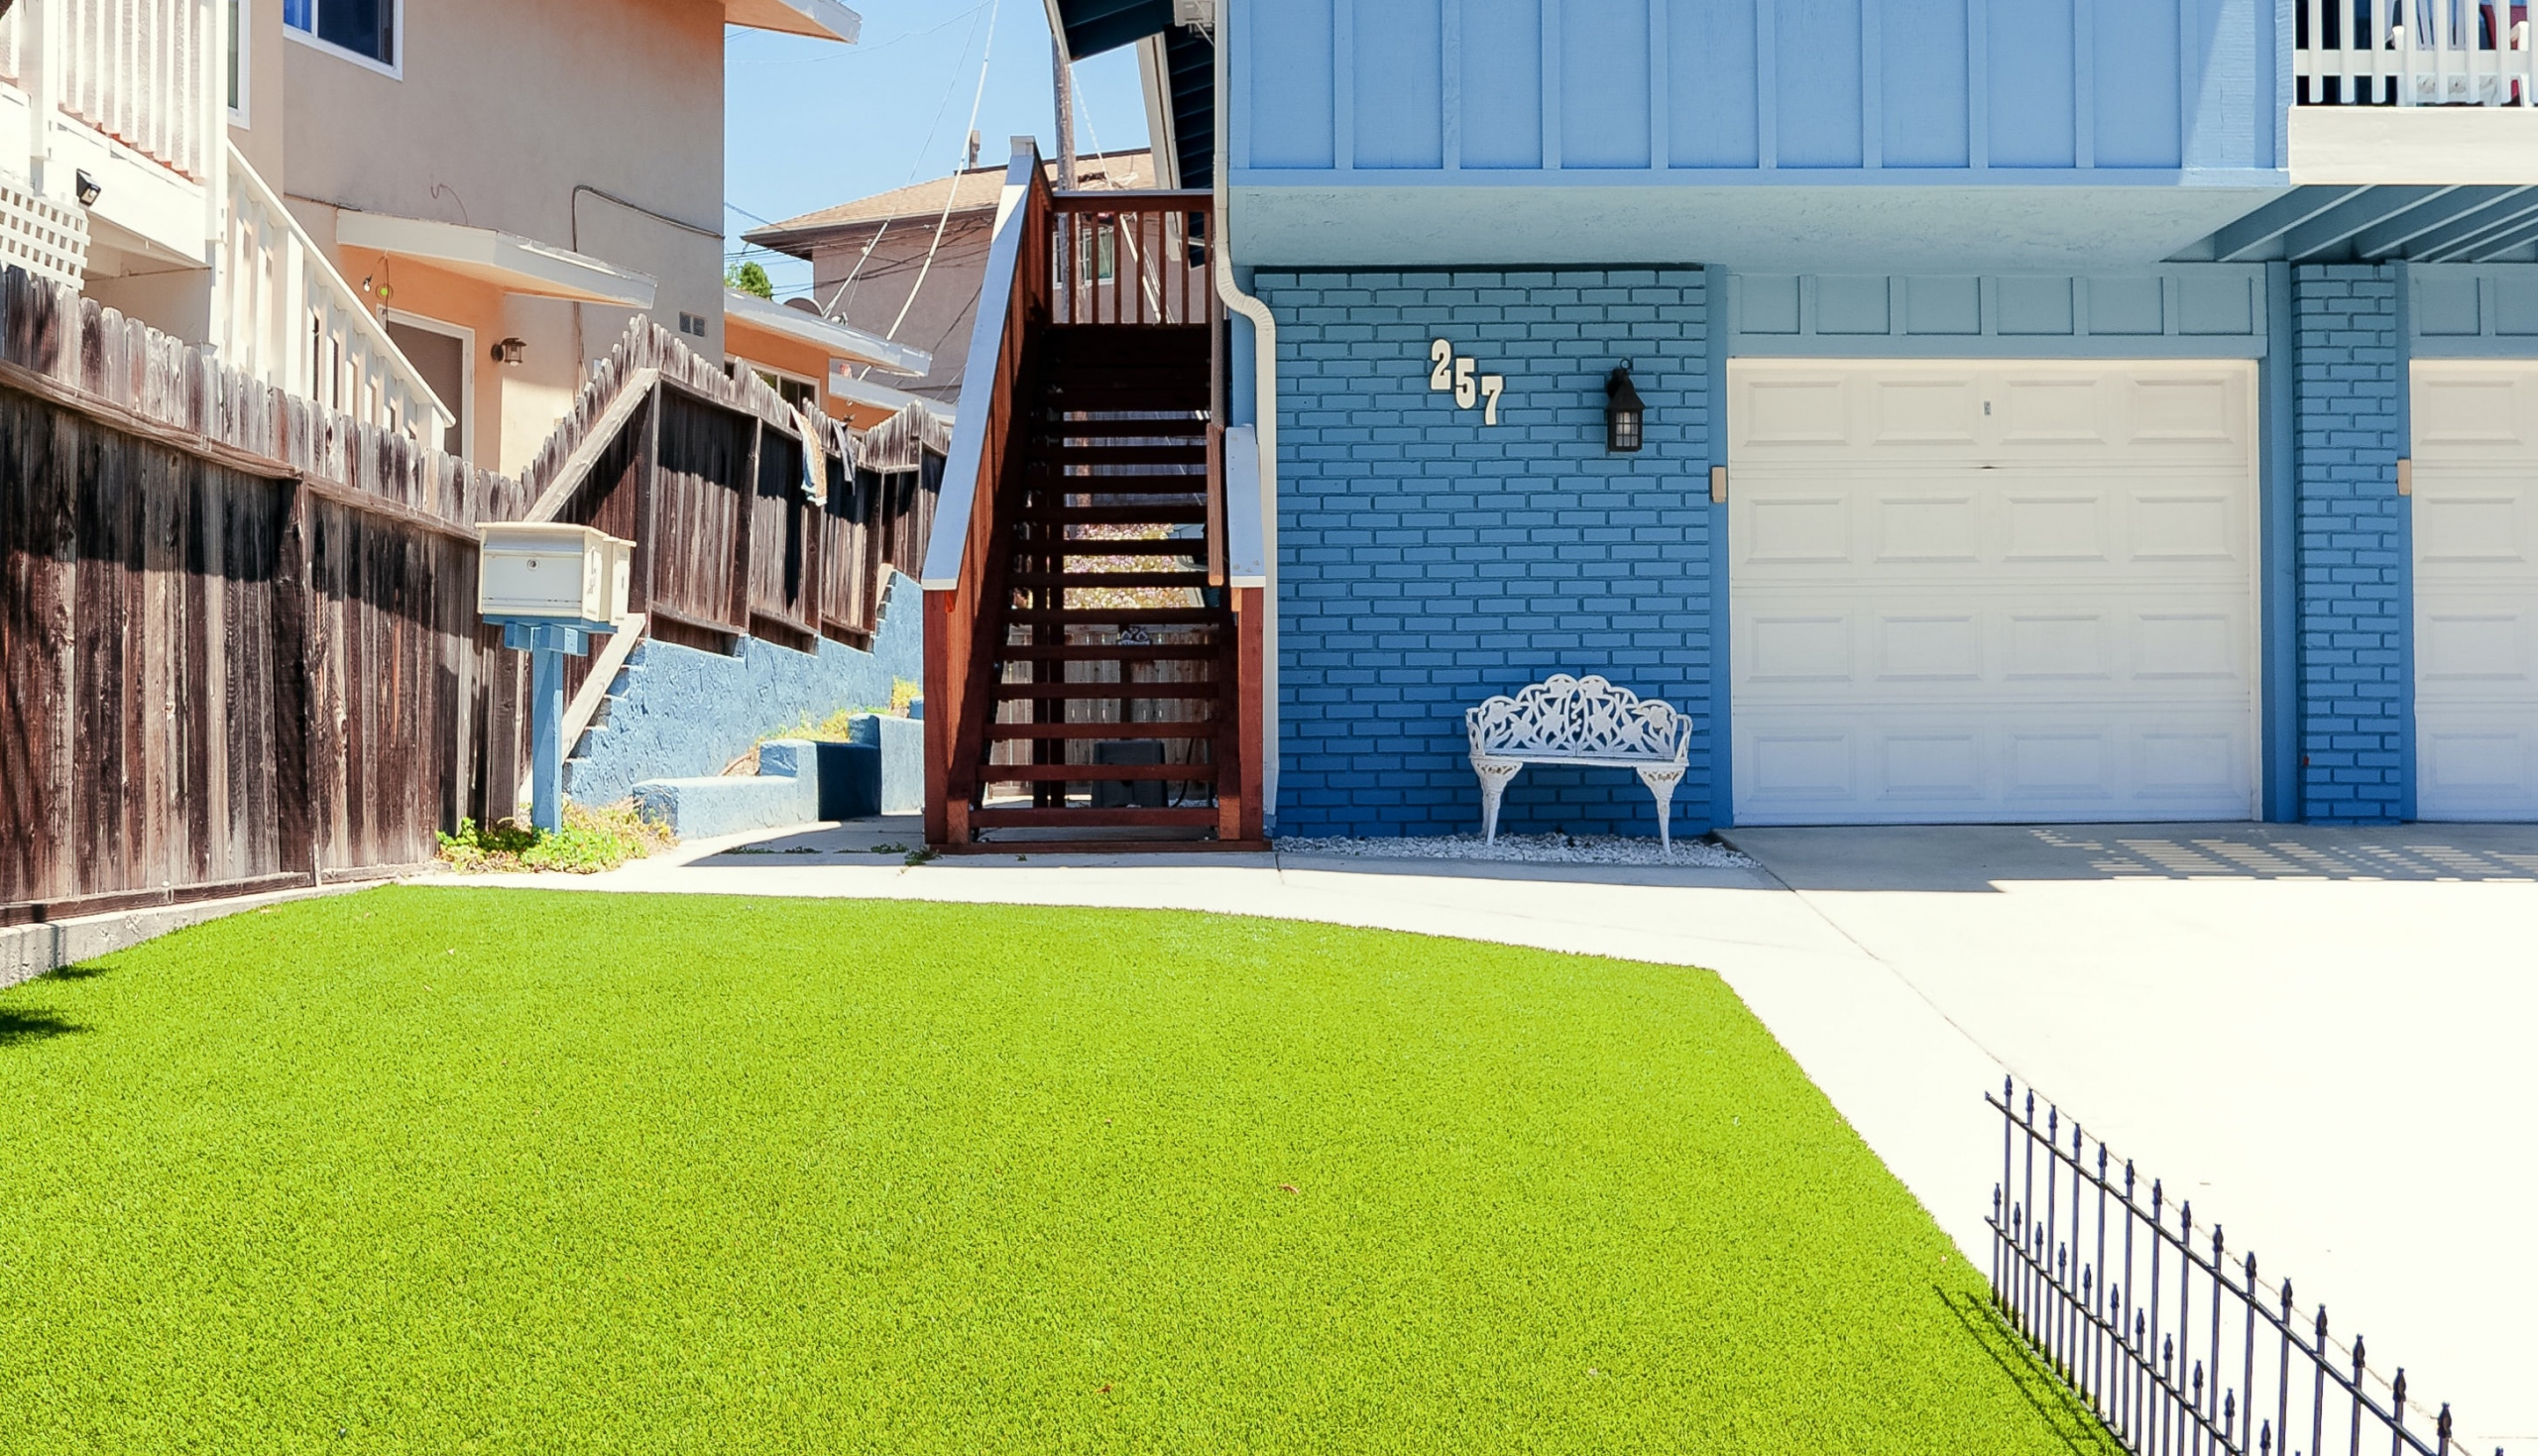 kunstgras-tuin-kleurvol